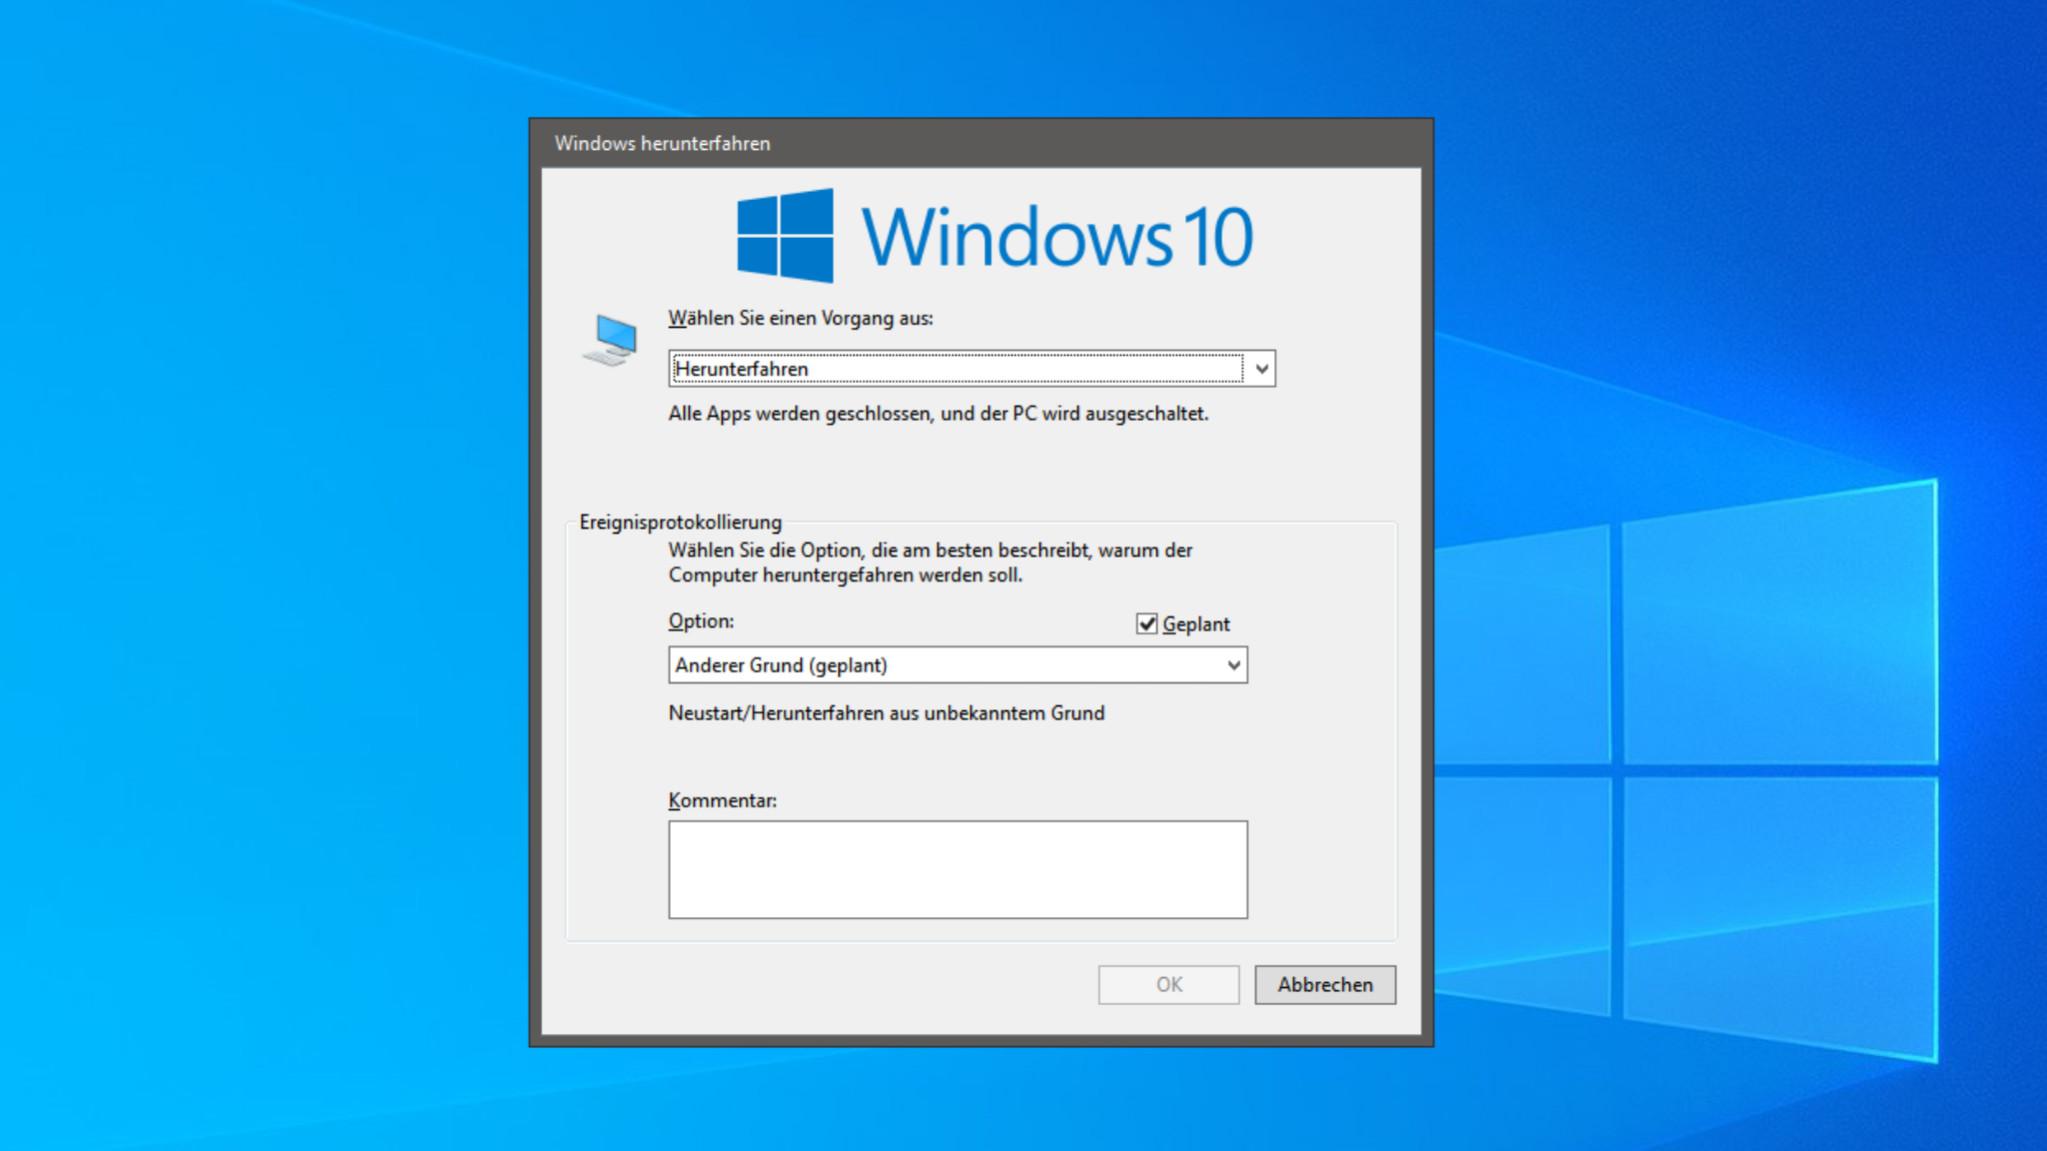 Screenshot 1 - Herunterfahren von Windows sperren